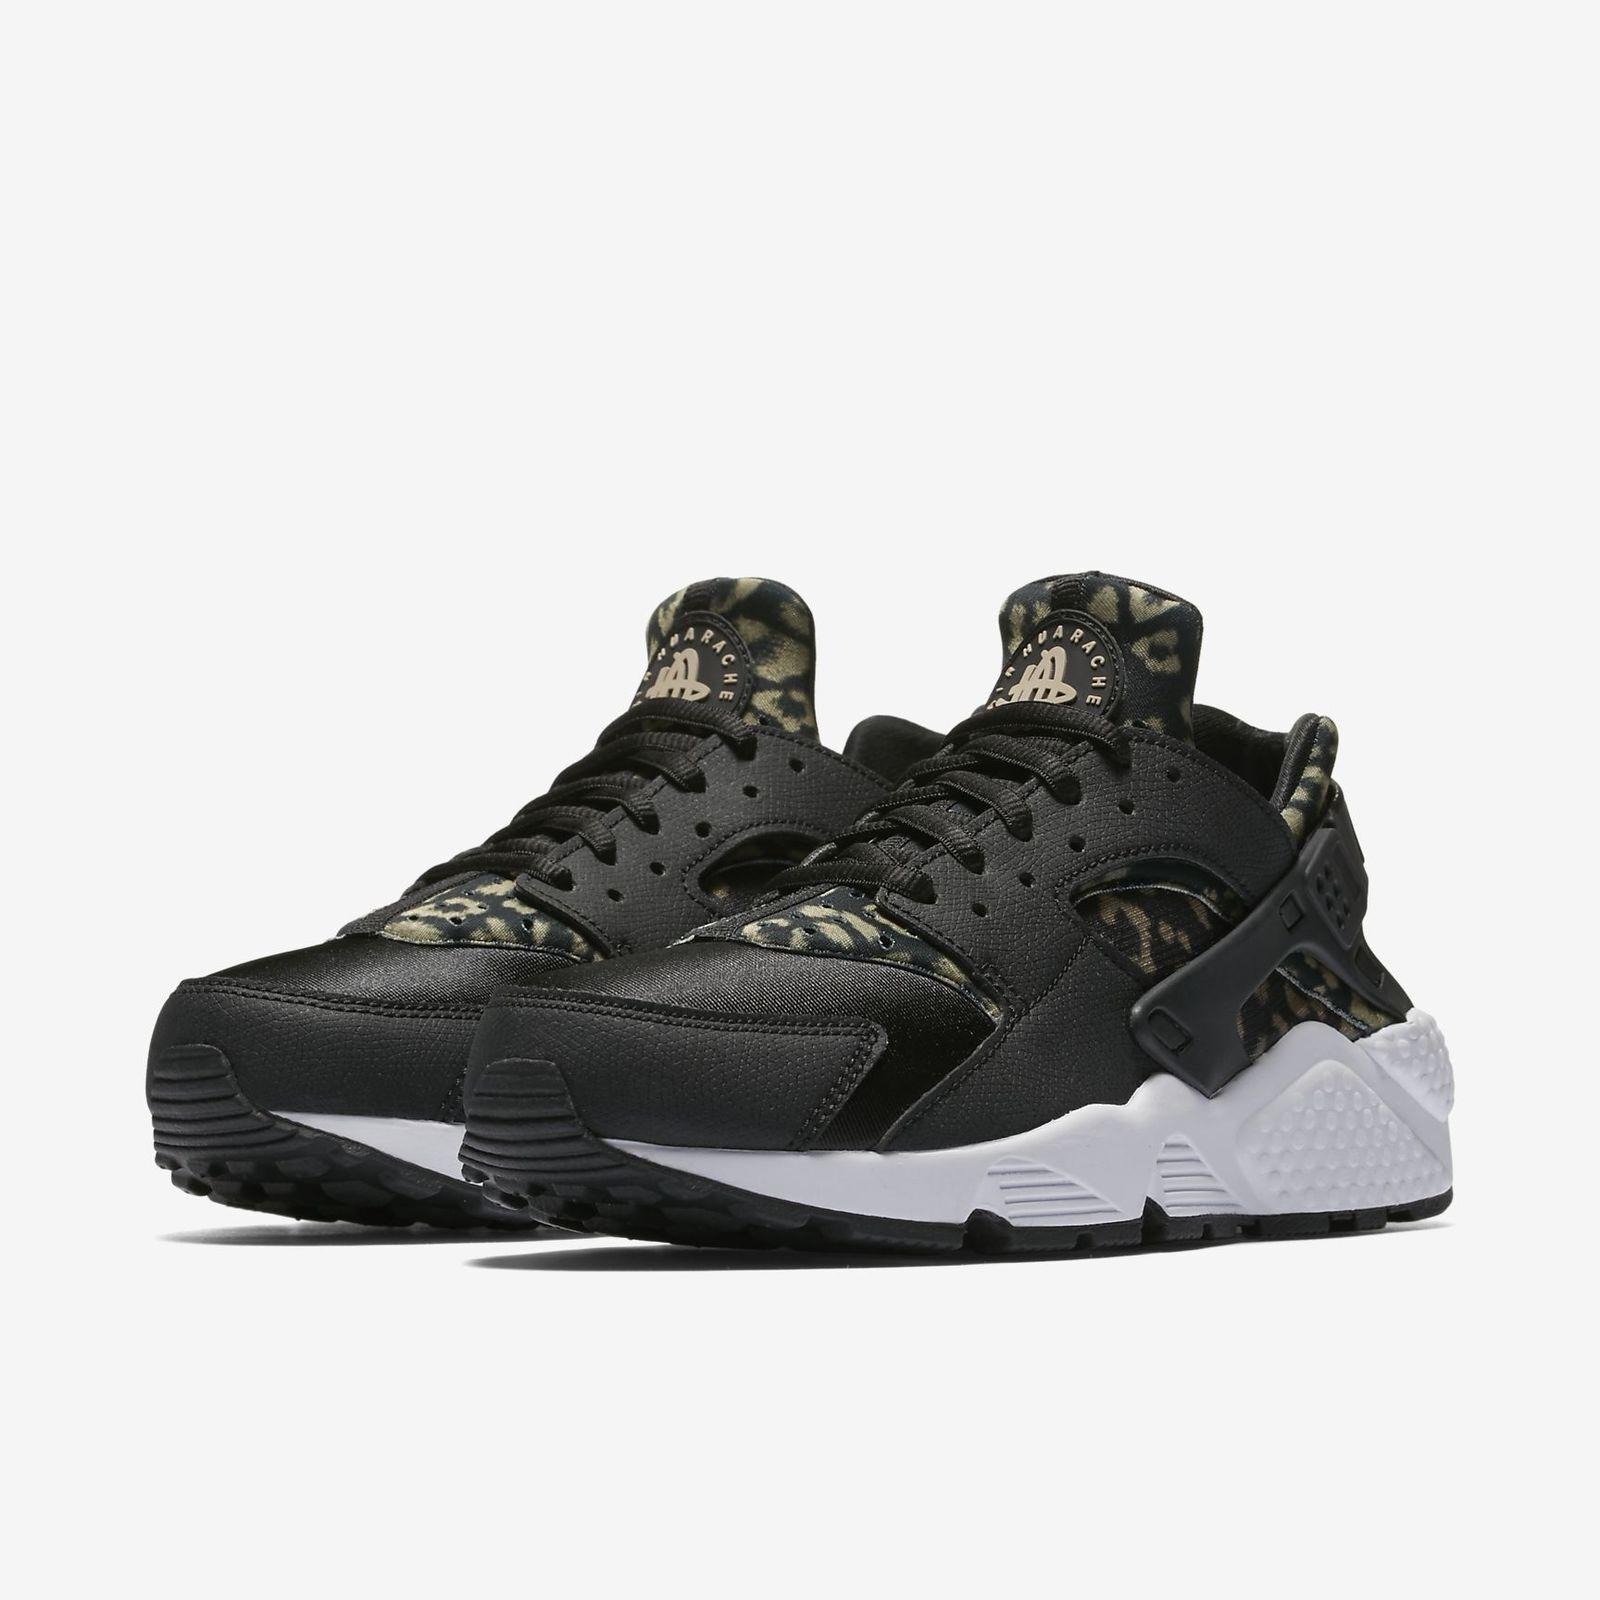 007 Pirnt Air Huarache Nike Femmes Les Courent 725076 gUxqpnwv